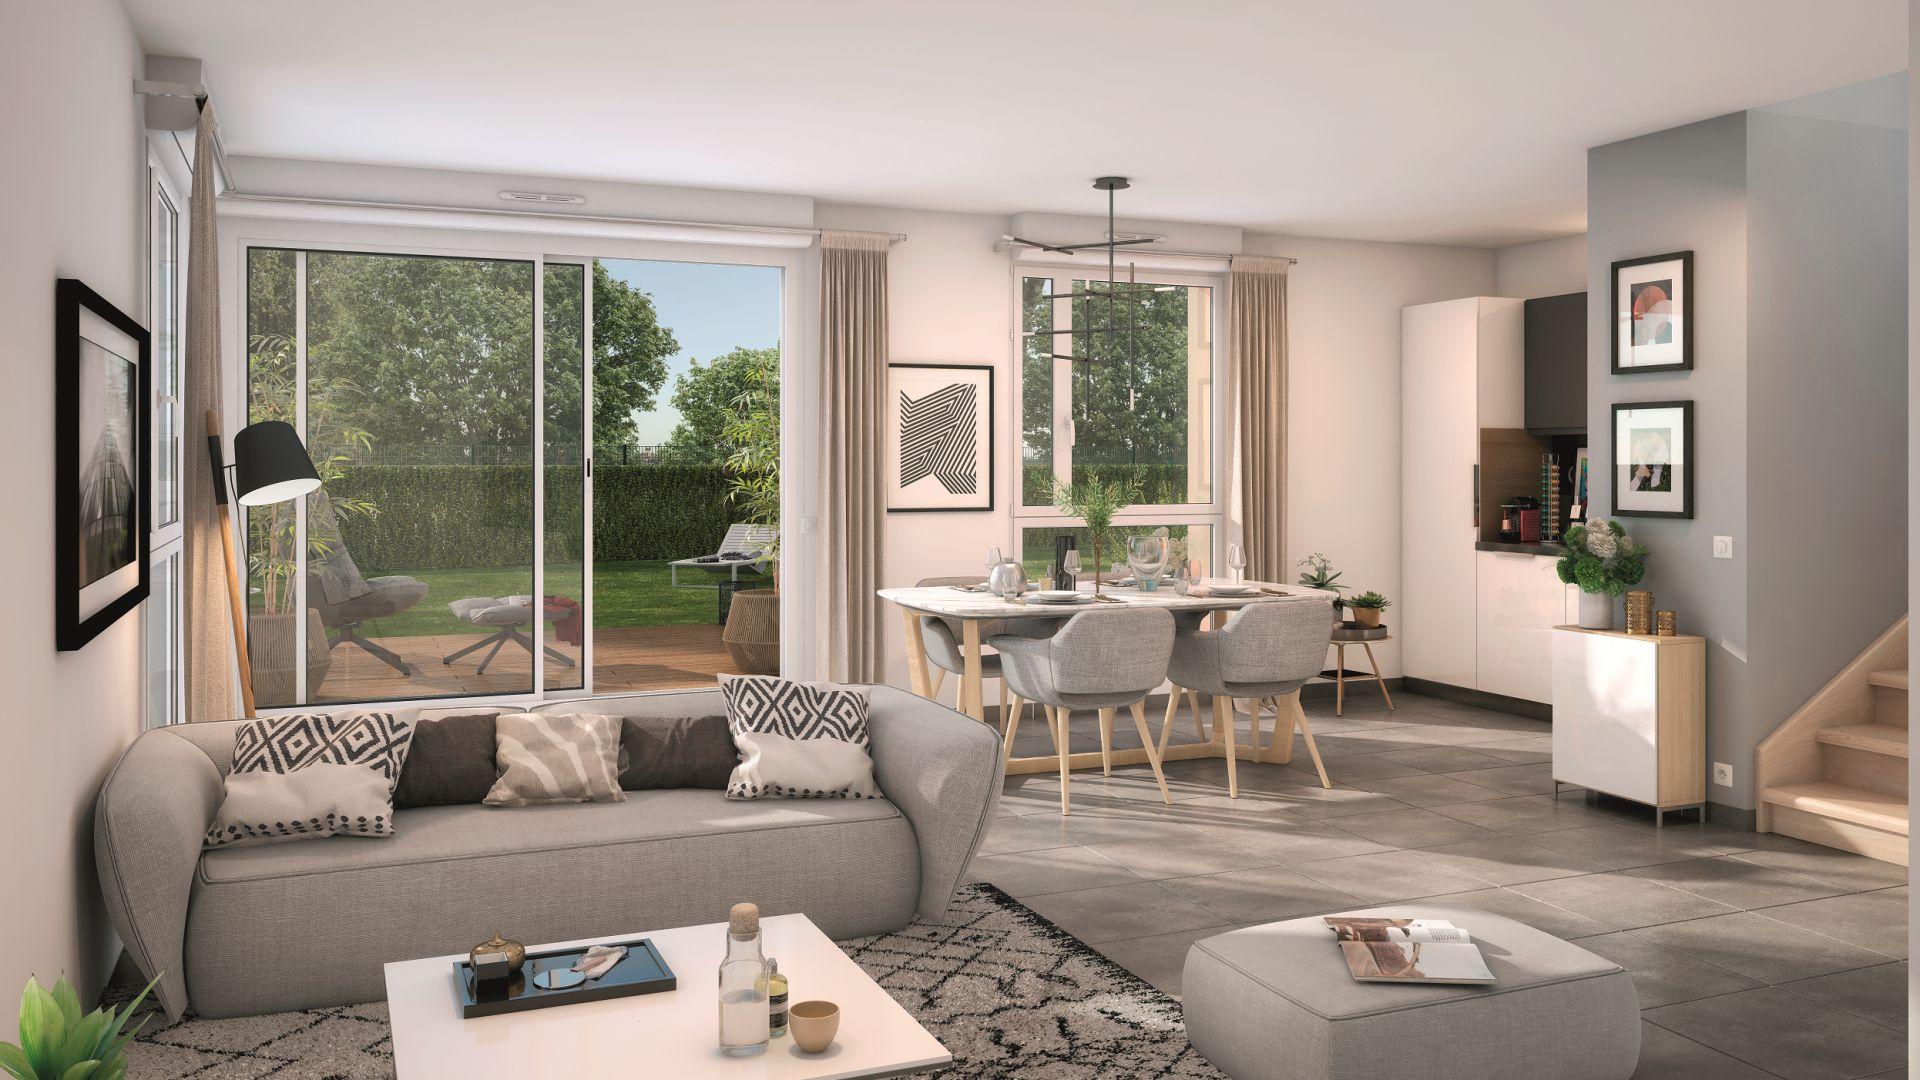 GreenCity immobilier - Aussonne 31840 - Résidence l azalee - achat villa neuve aussonne - T4 - vue intérieure